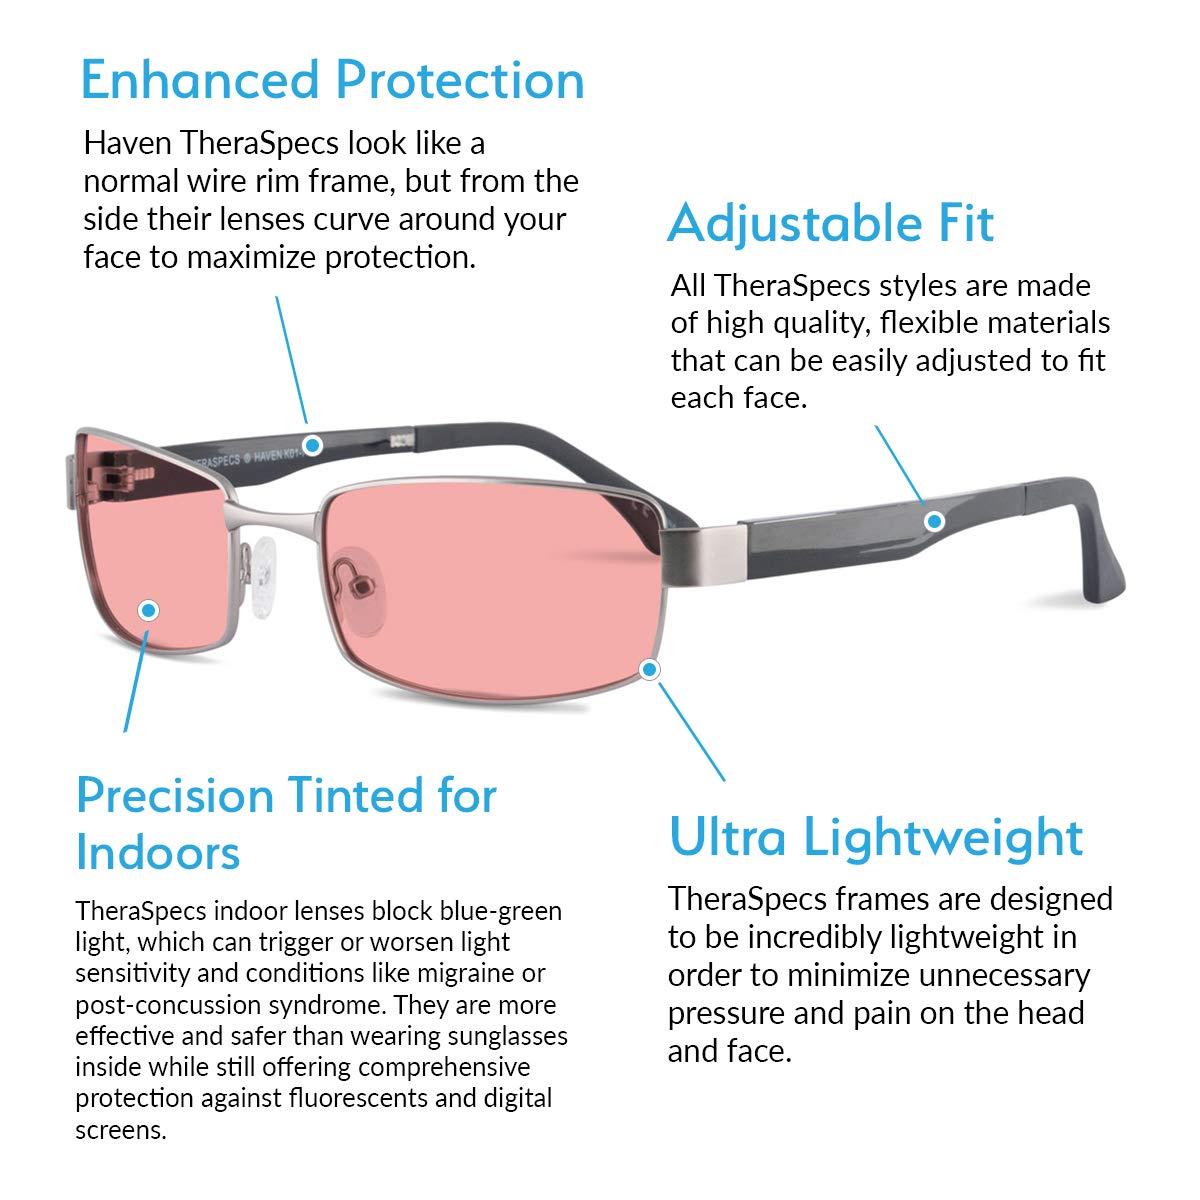 e9187eea4485 Amazon.com  TheraSpecs Haven Migraine Glasses for Light Sensitivity ...